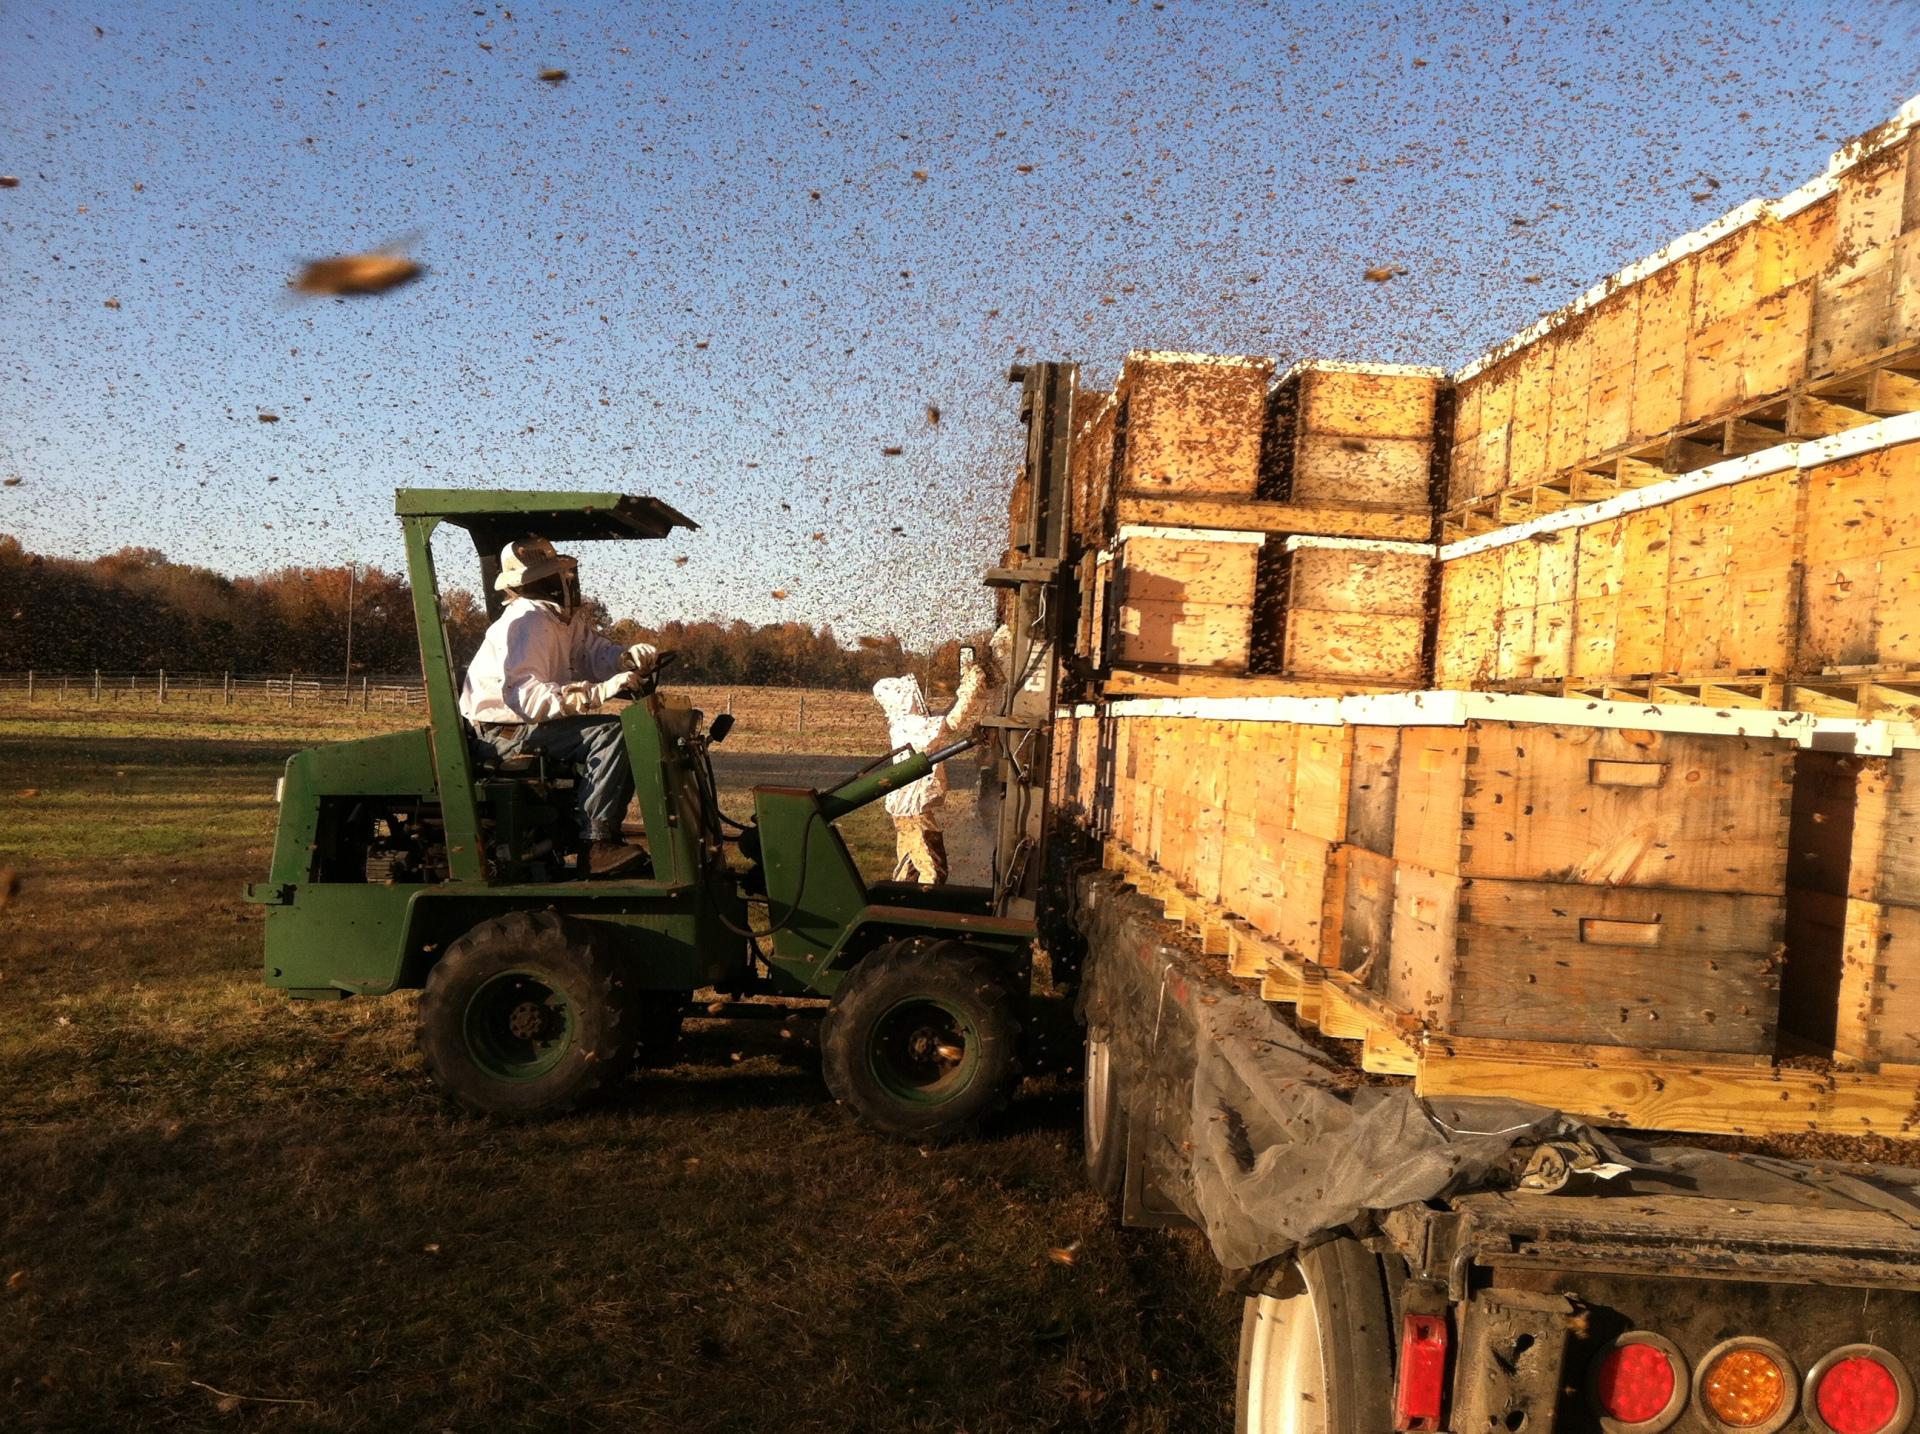 Unloading honeybees Arkansas